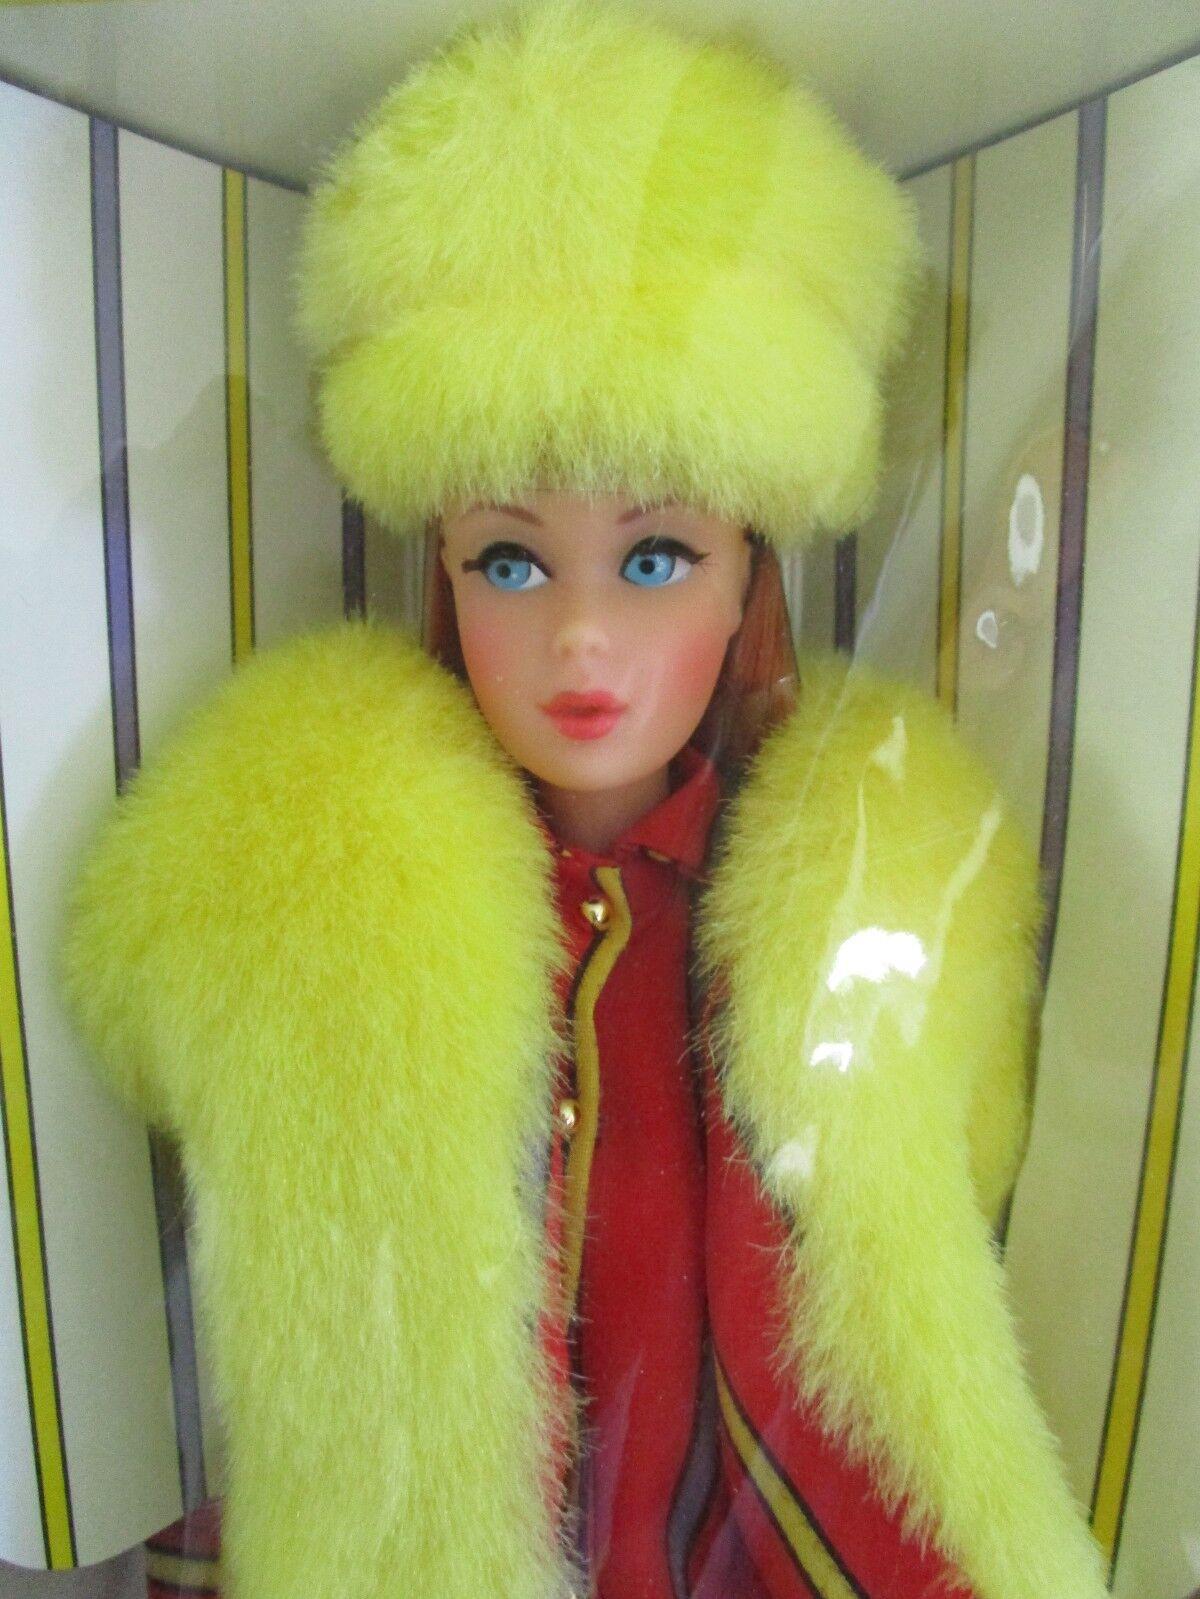 Twist & Giro pelirroja Barbie en caja original con menta 23258  reproducción 1967 en 1997